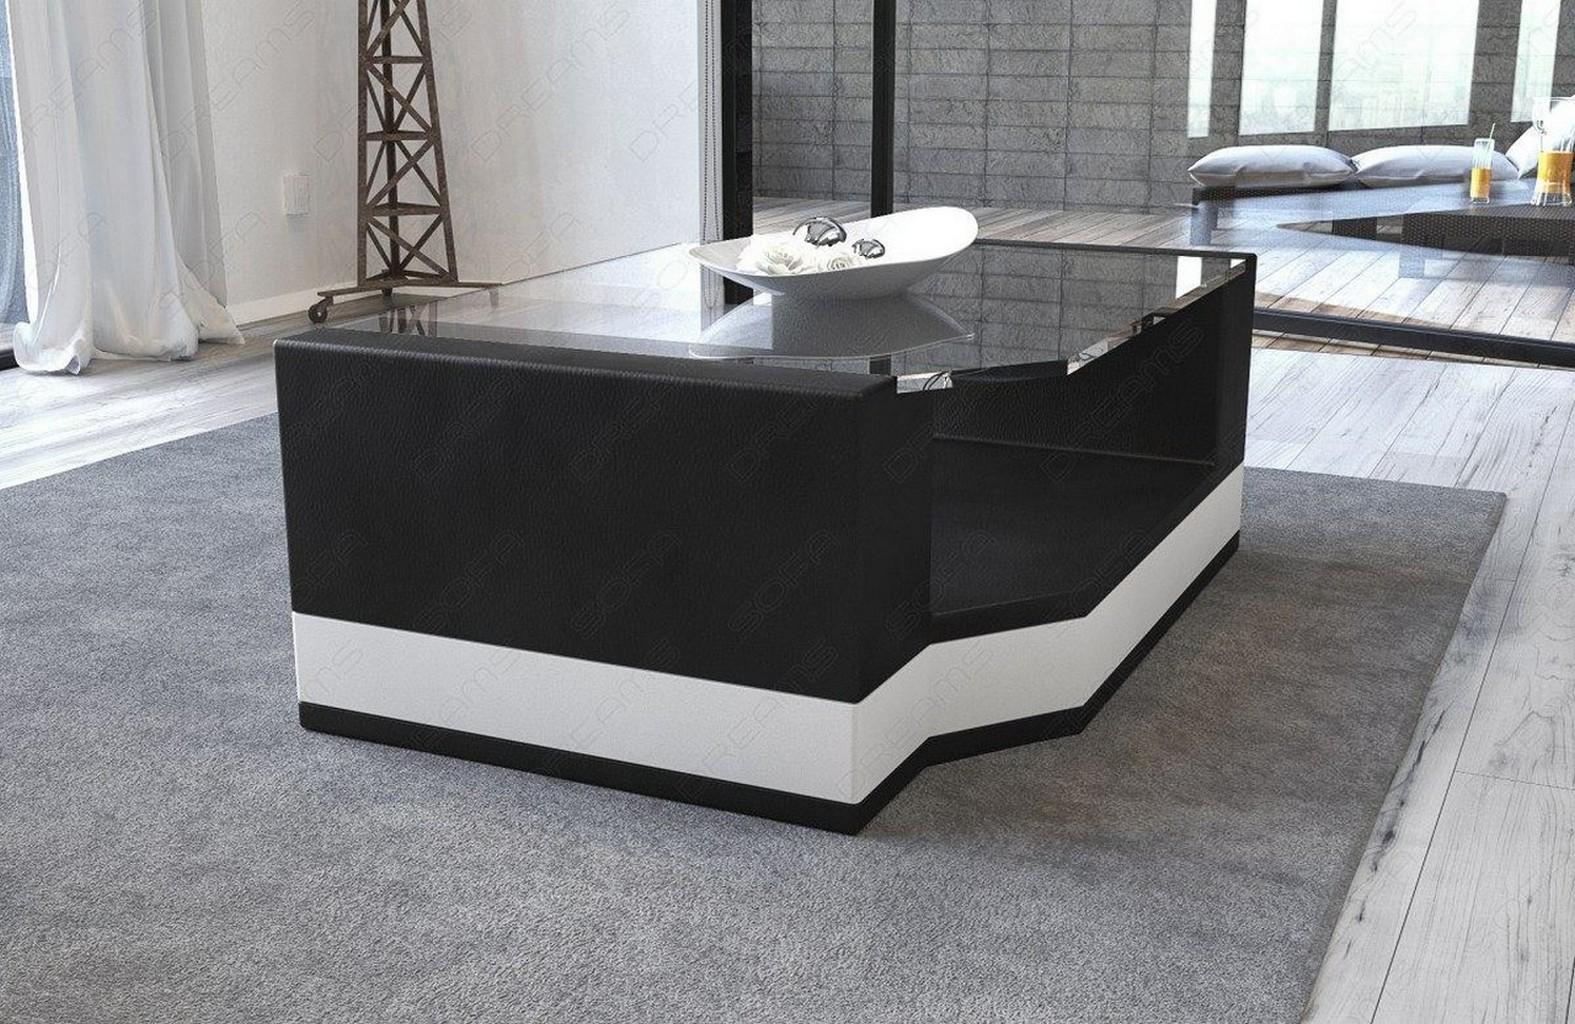 couchtisch leder wohnzimmertisch messana beistelltisch. Black Bedroom Furniture Sets. Home Design Ideas